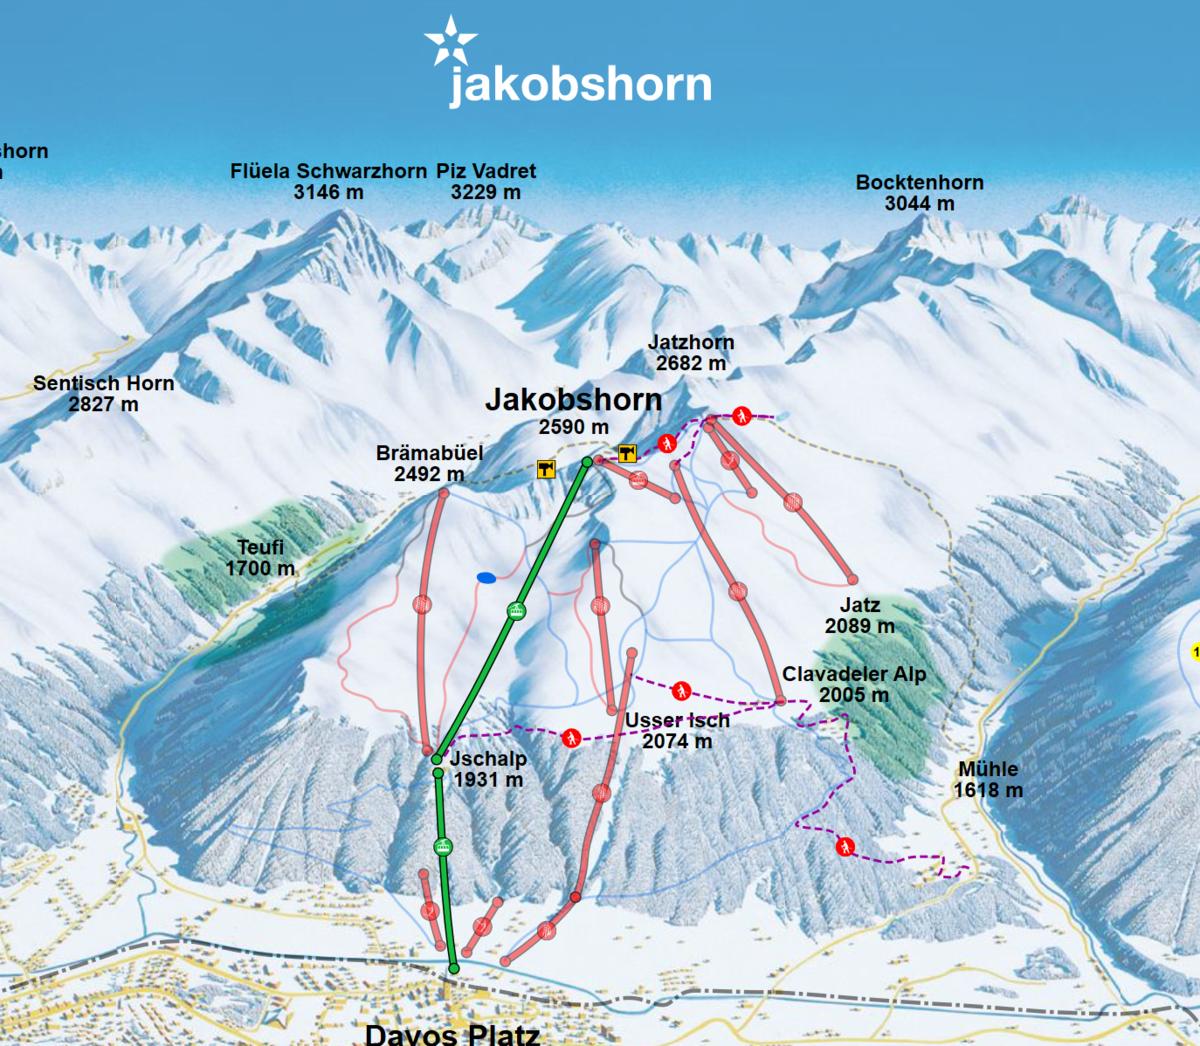 Jakobshorn スキーマップ